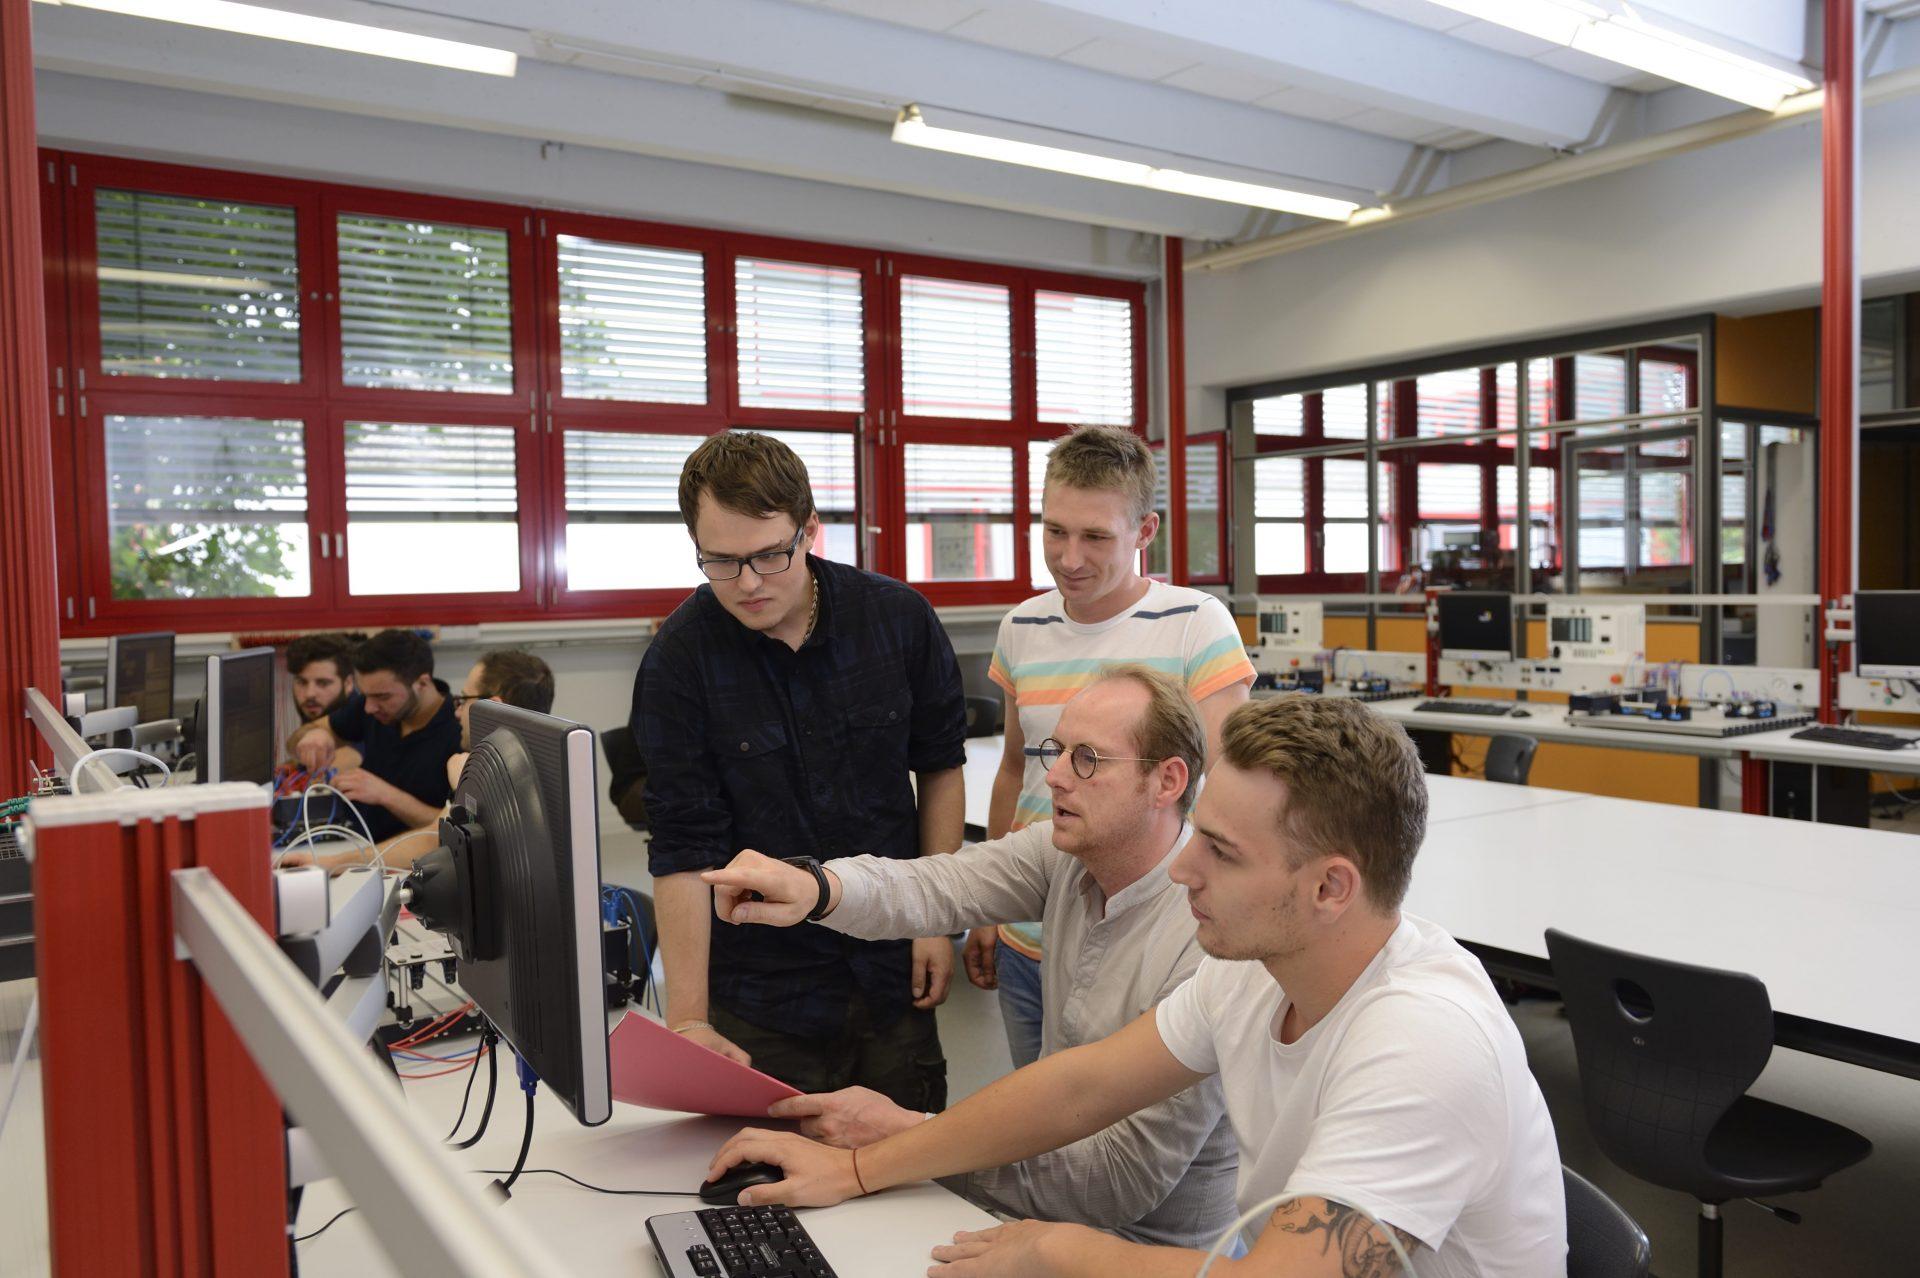 Fachschule für industrielle Beschichtungstechnik